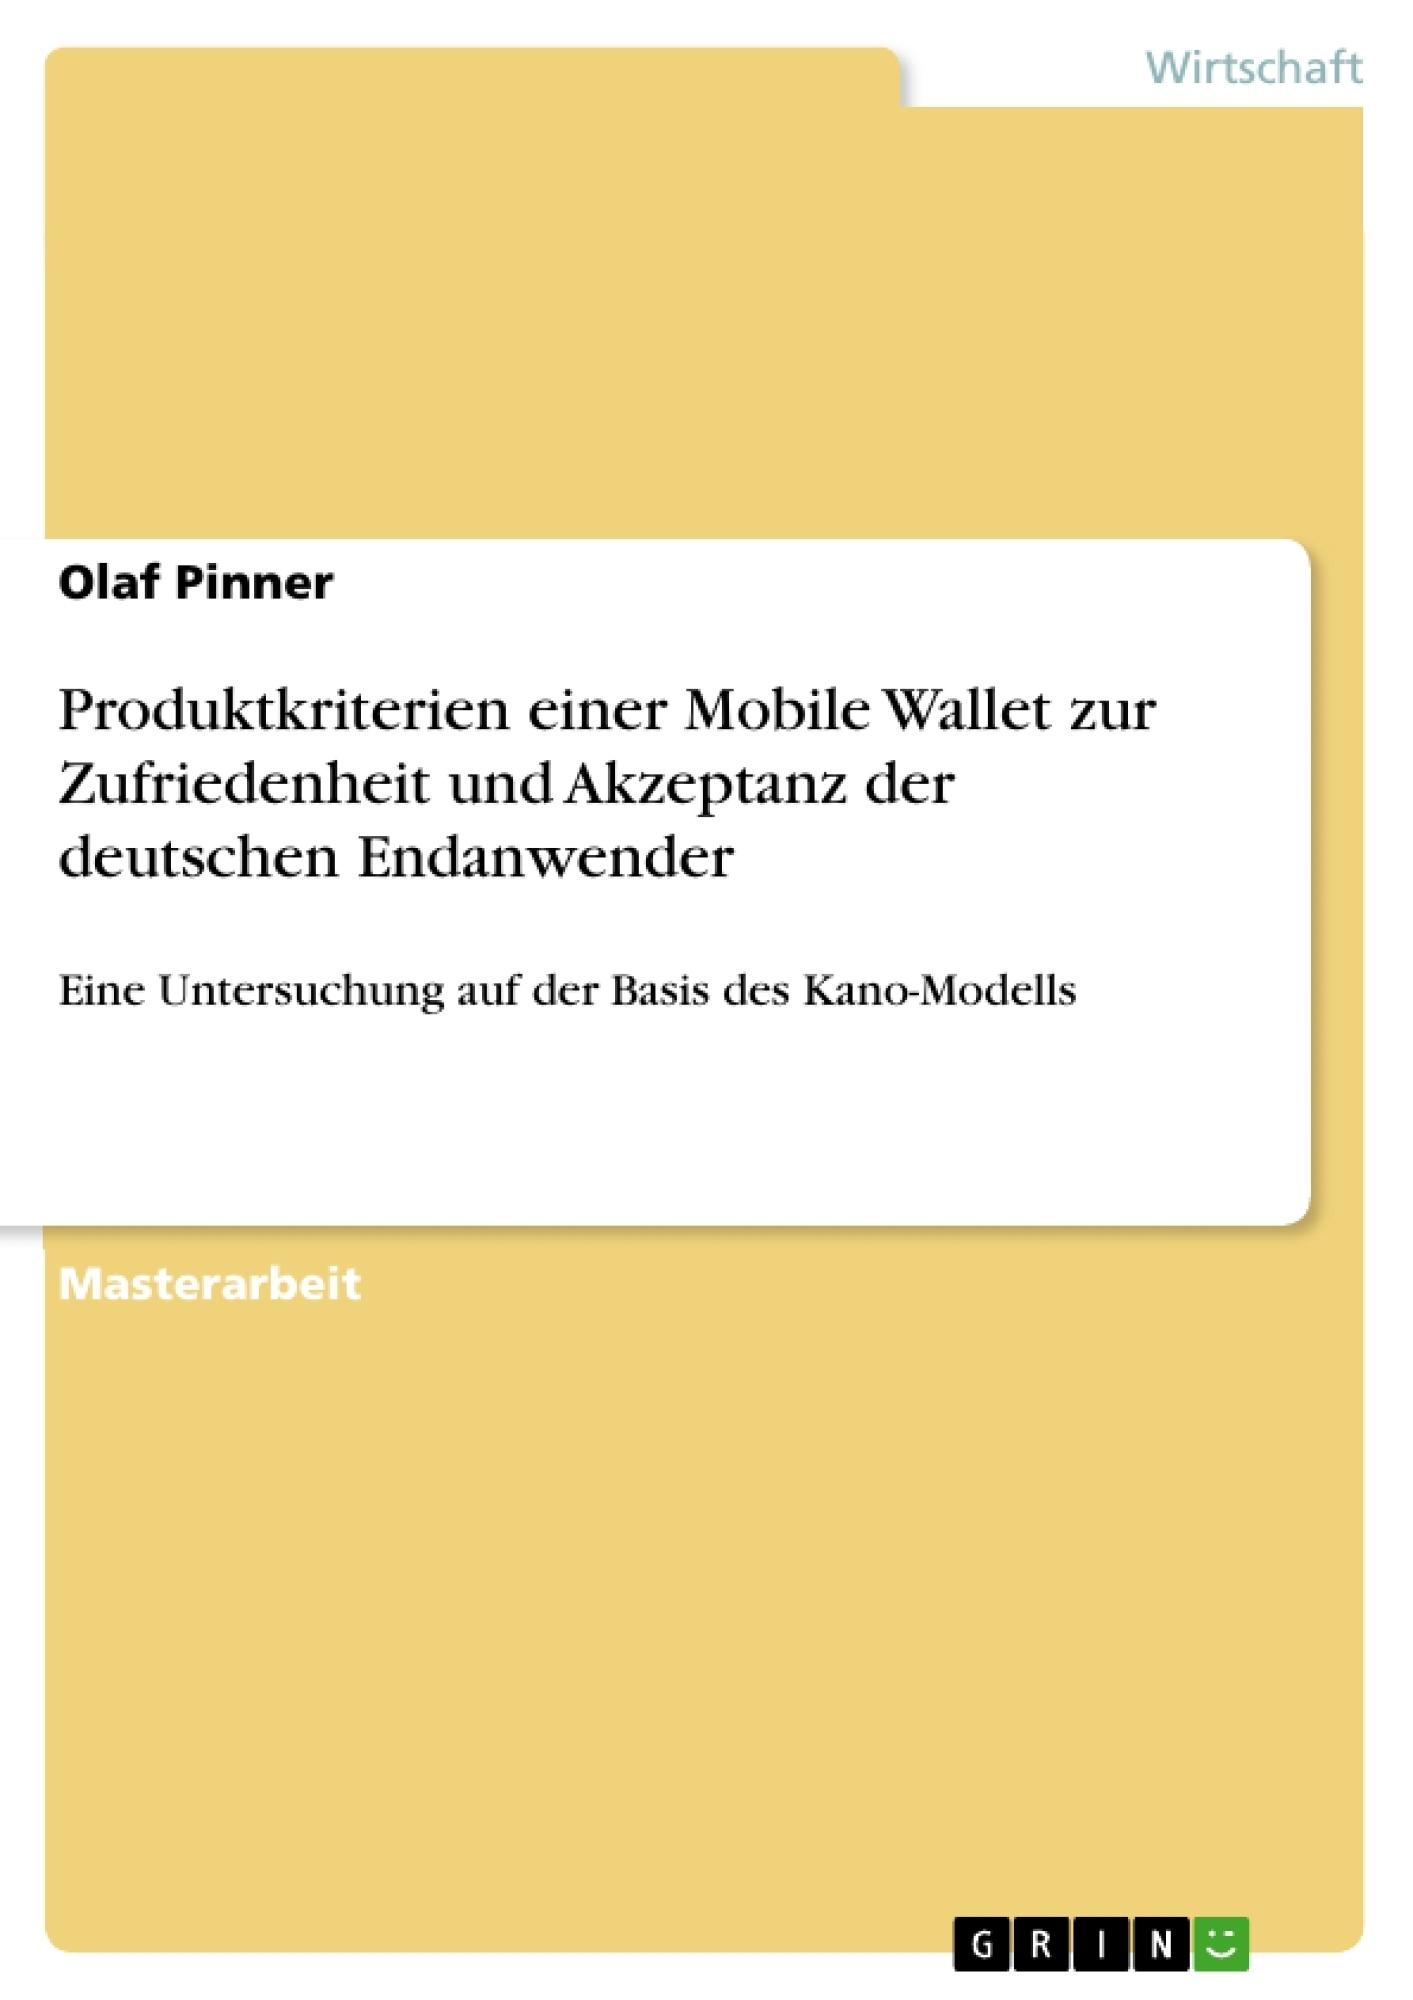 Titel: Produktkriterien einer Mobile Wallet zur Zufriedenheit und  Akzeptanz der deutschen Endanwender